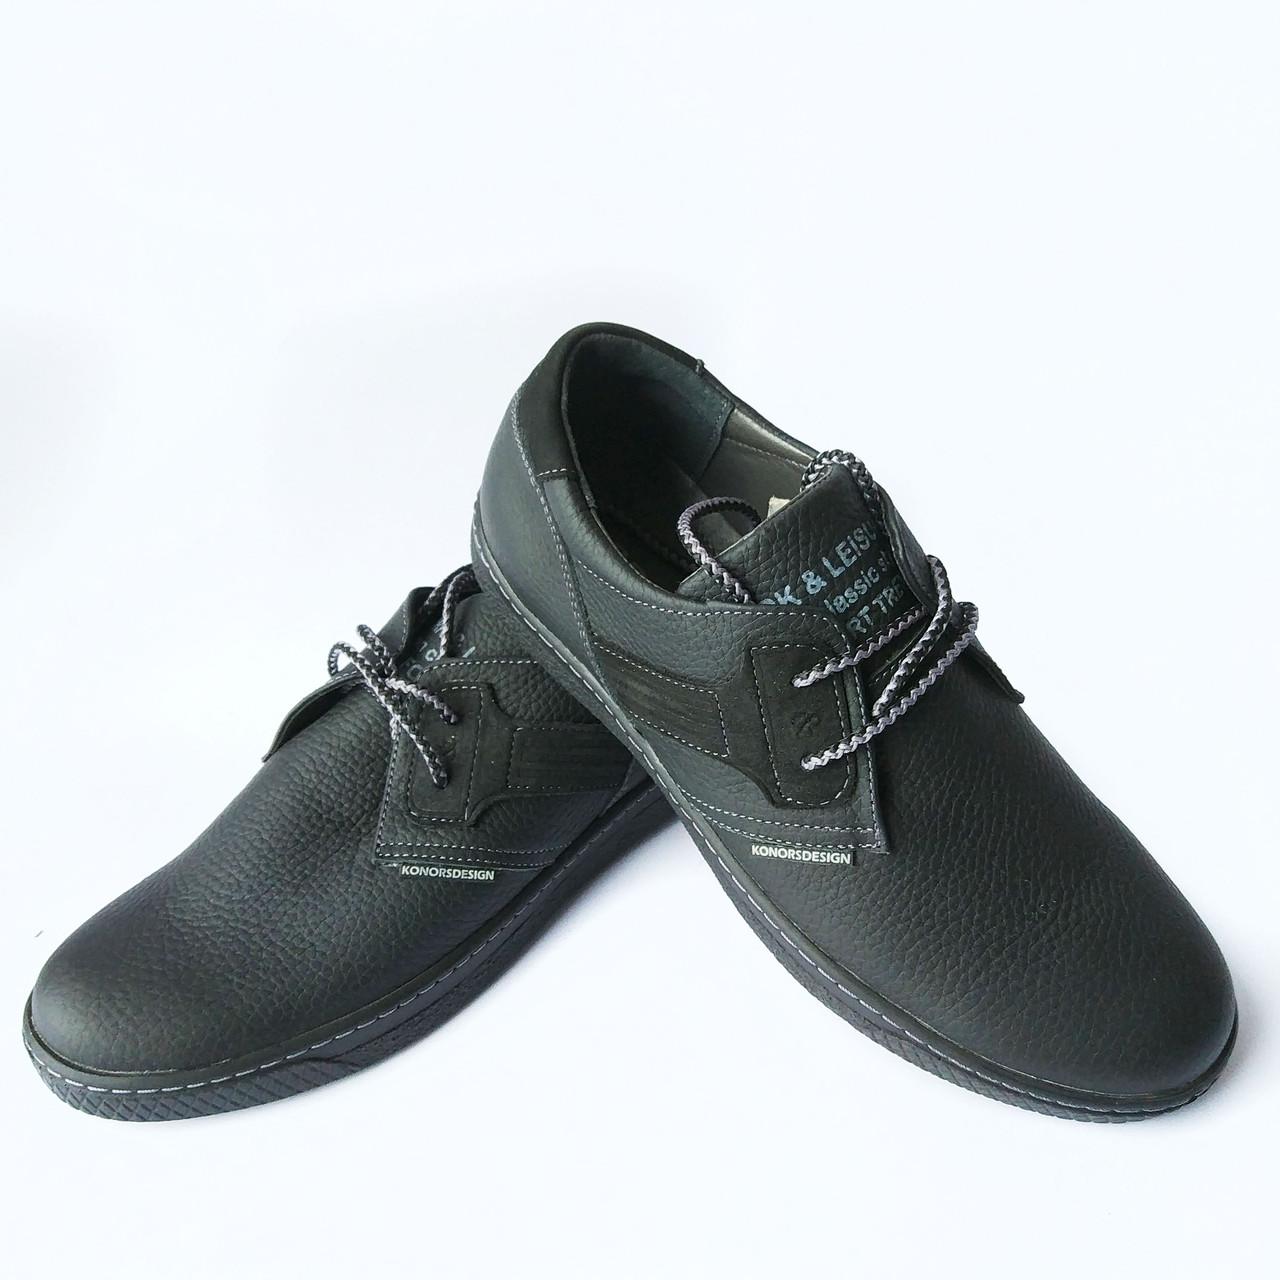 6db5df4a3d064f Кожаные мужские туфли Konors : черного цвета, на шнуровке